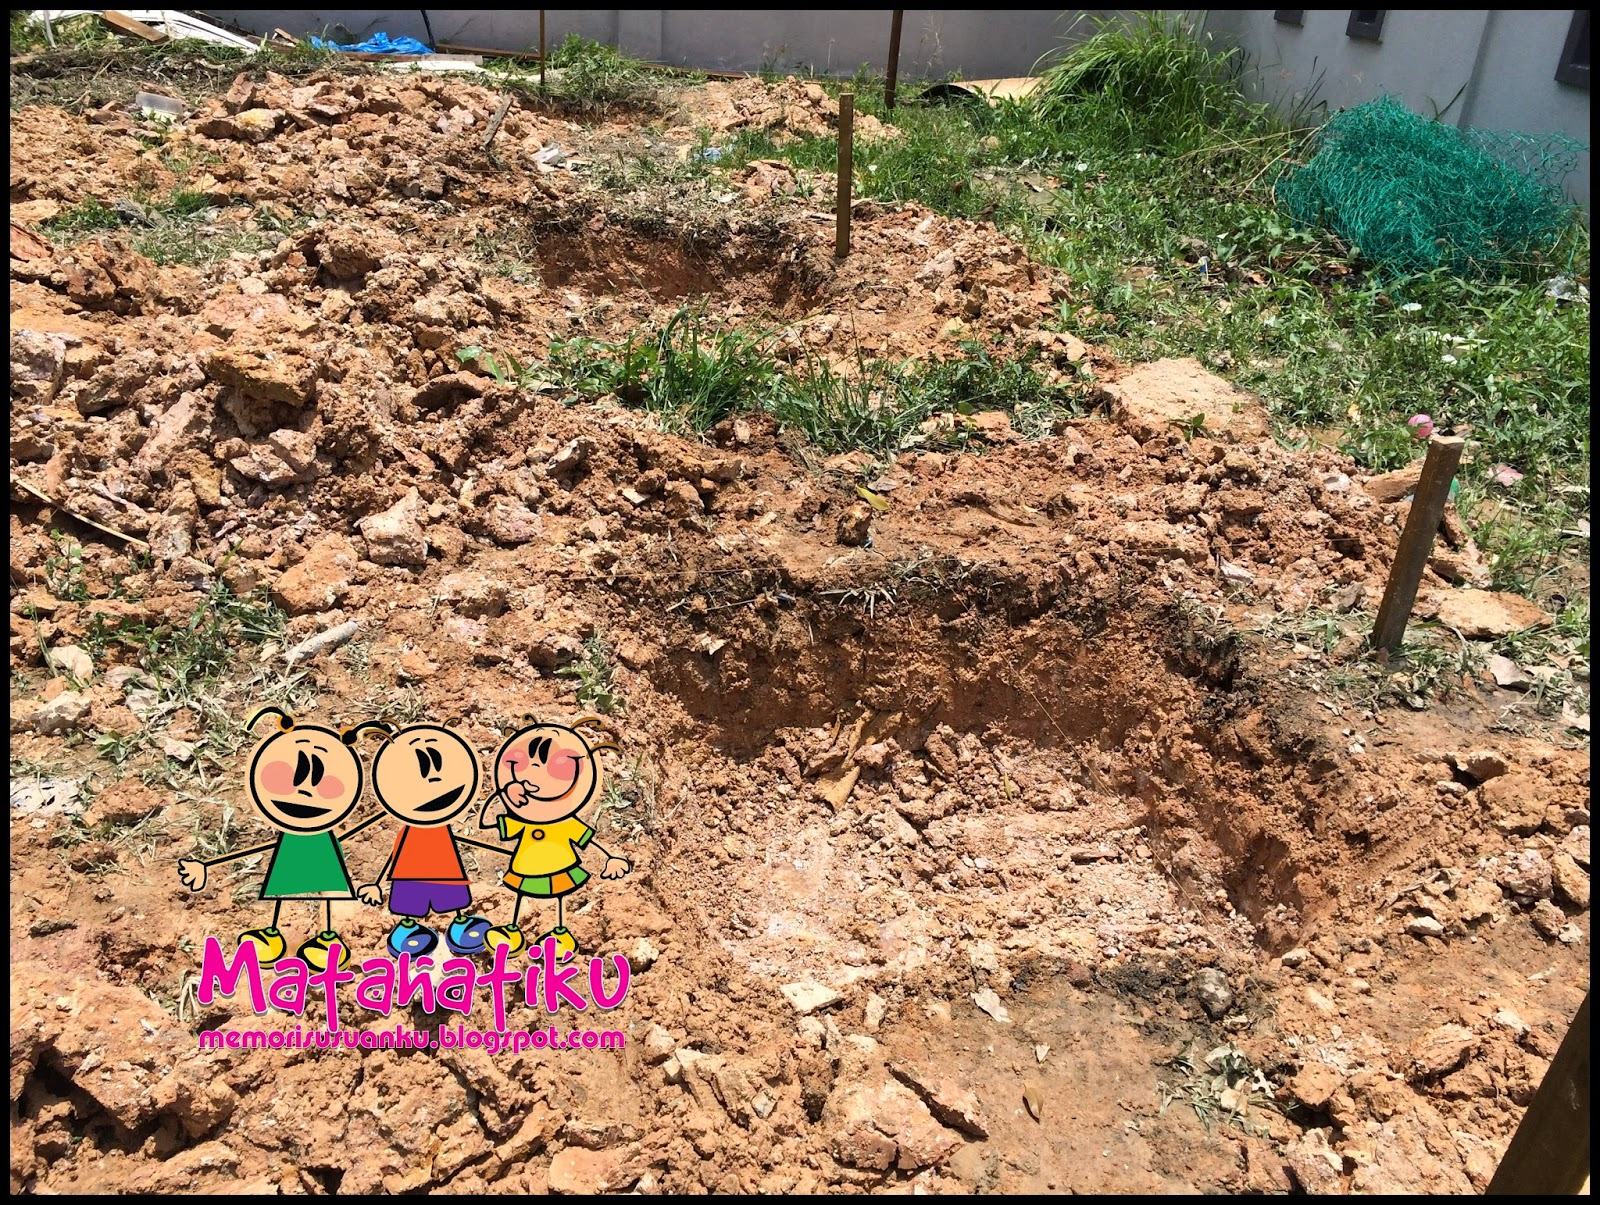 Hari Pertama Untuk Tapak Dapur Ini Tugasan Mereka Menanda Dan Mengorek Tanah Pada Sebelah Petangnya Dah Siap Letn Simen Dalam Lubang Piling